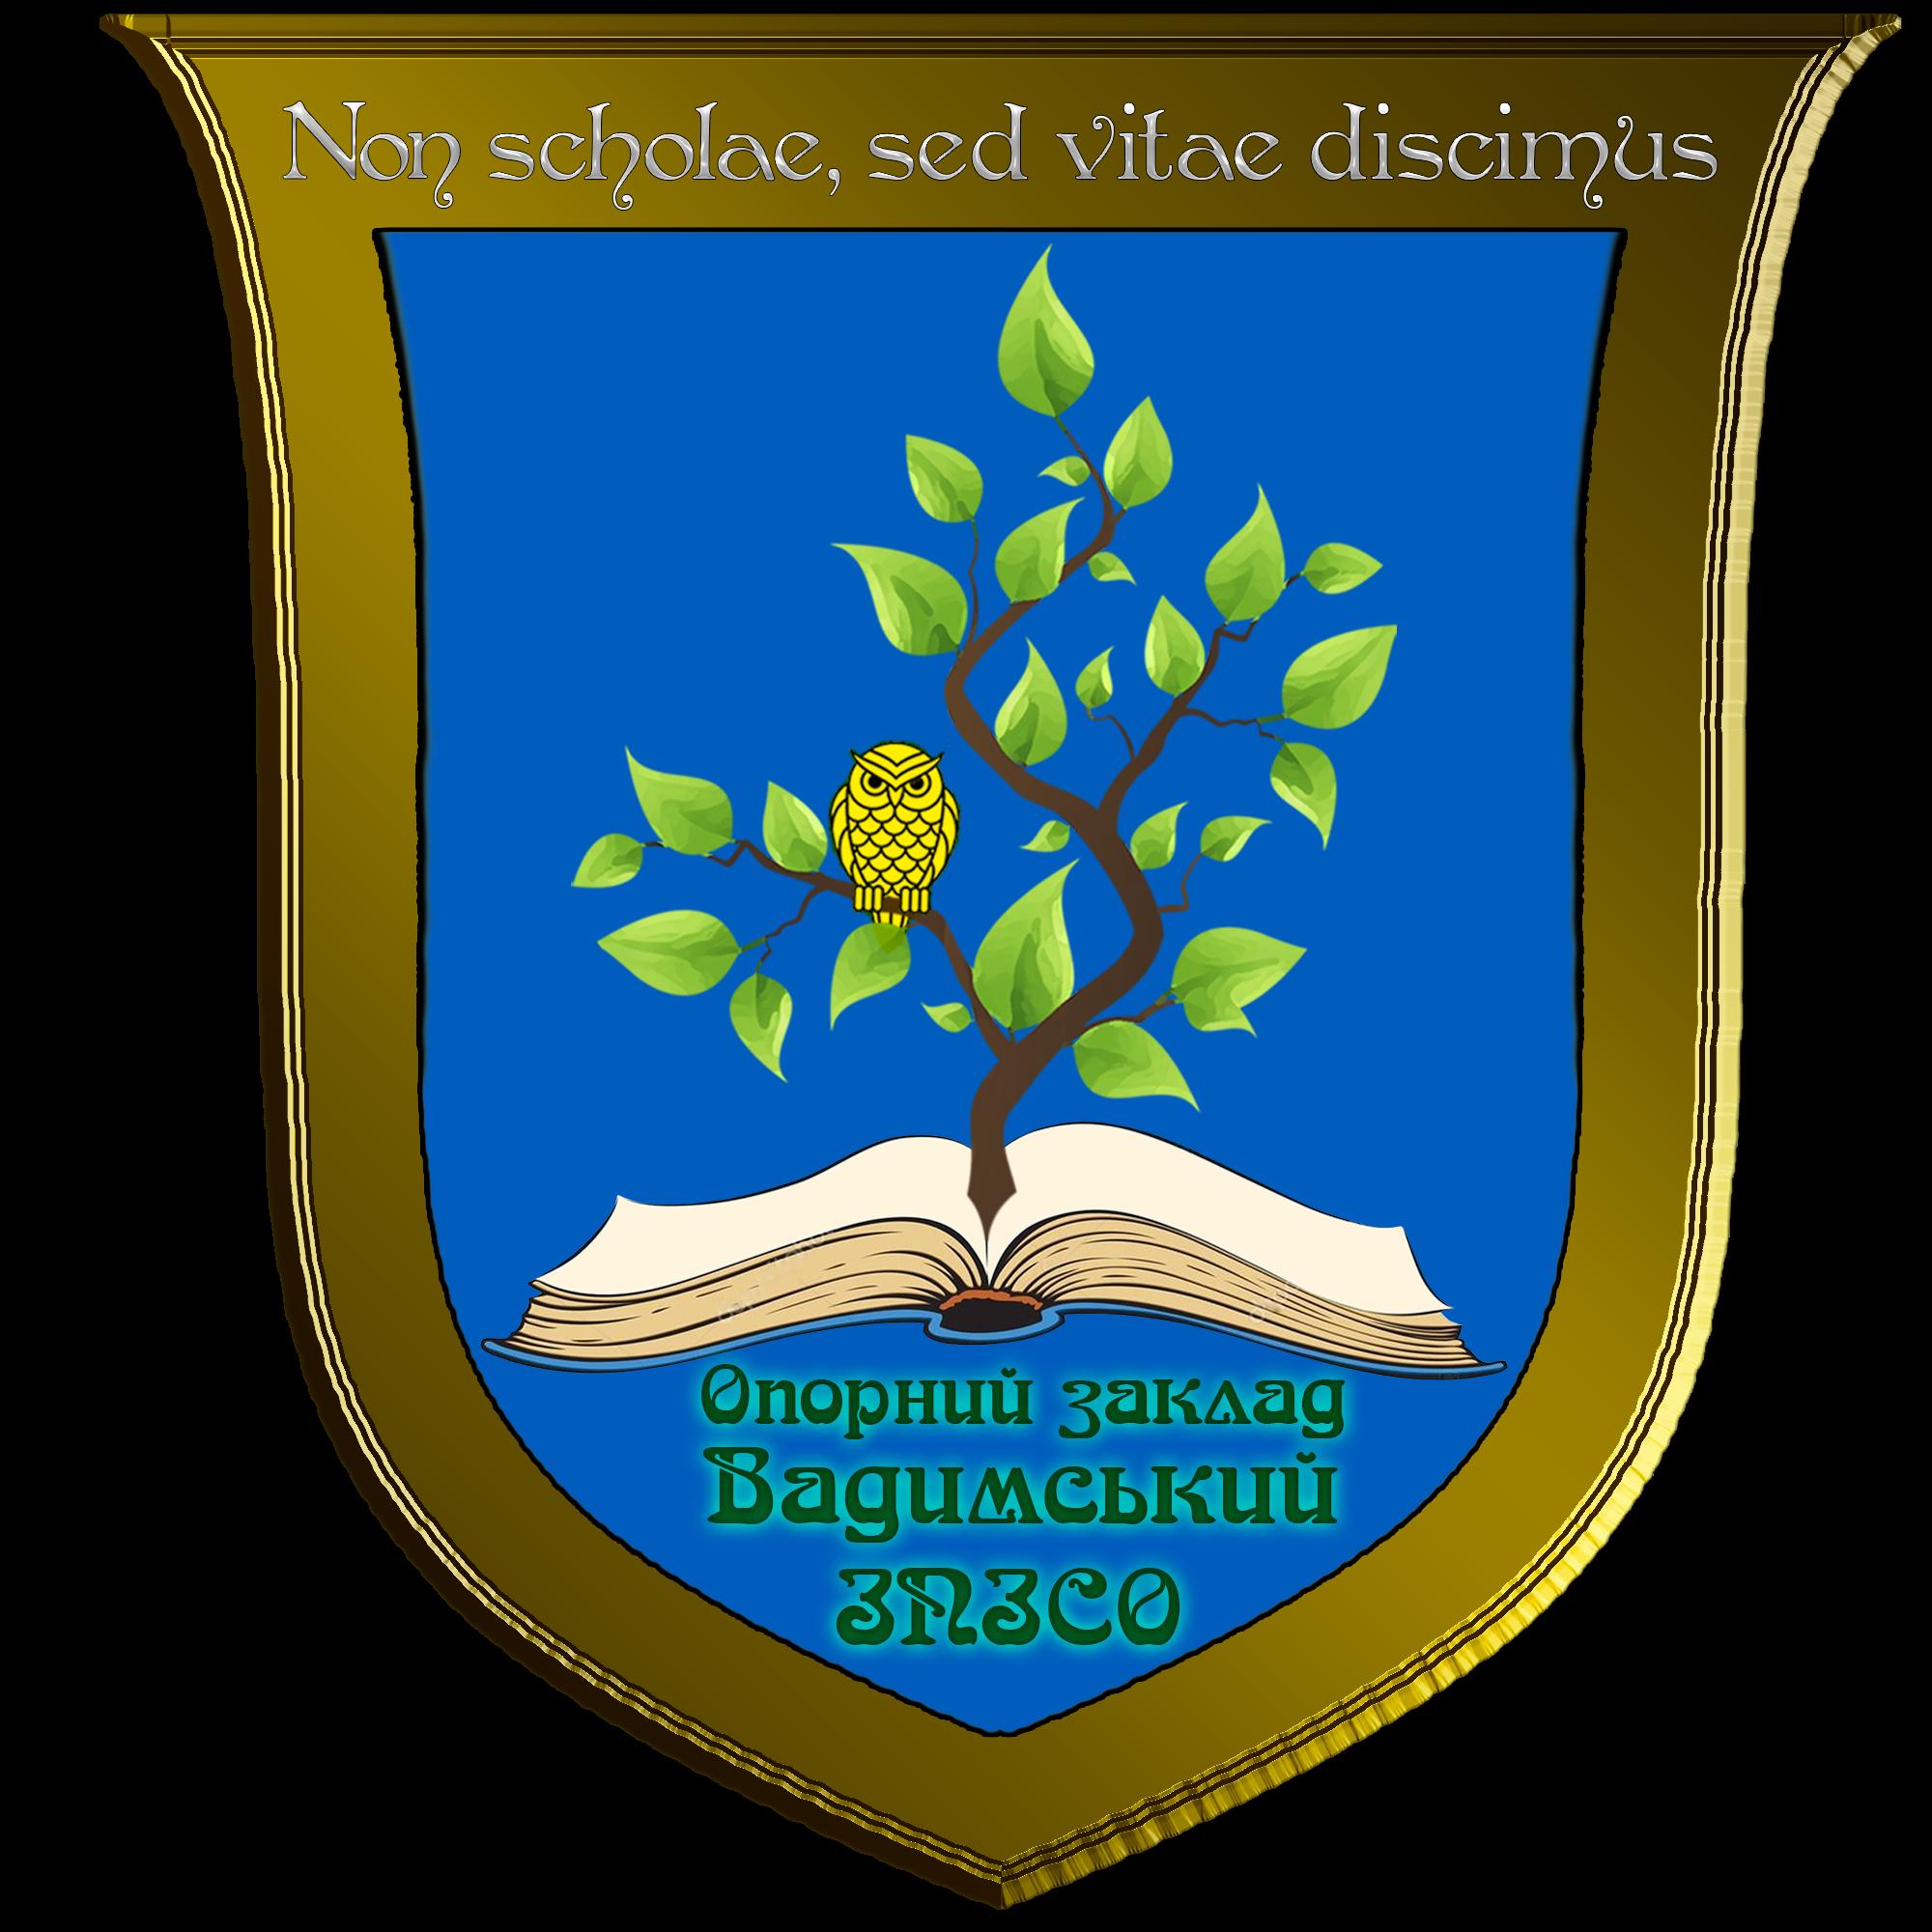 """Опорний заклад """"Вадимський заклад повної загальної середньої освіти"""""""